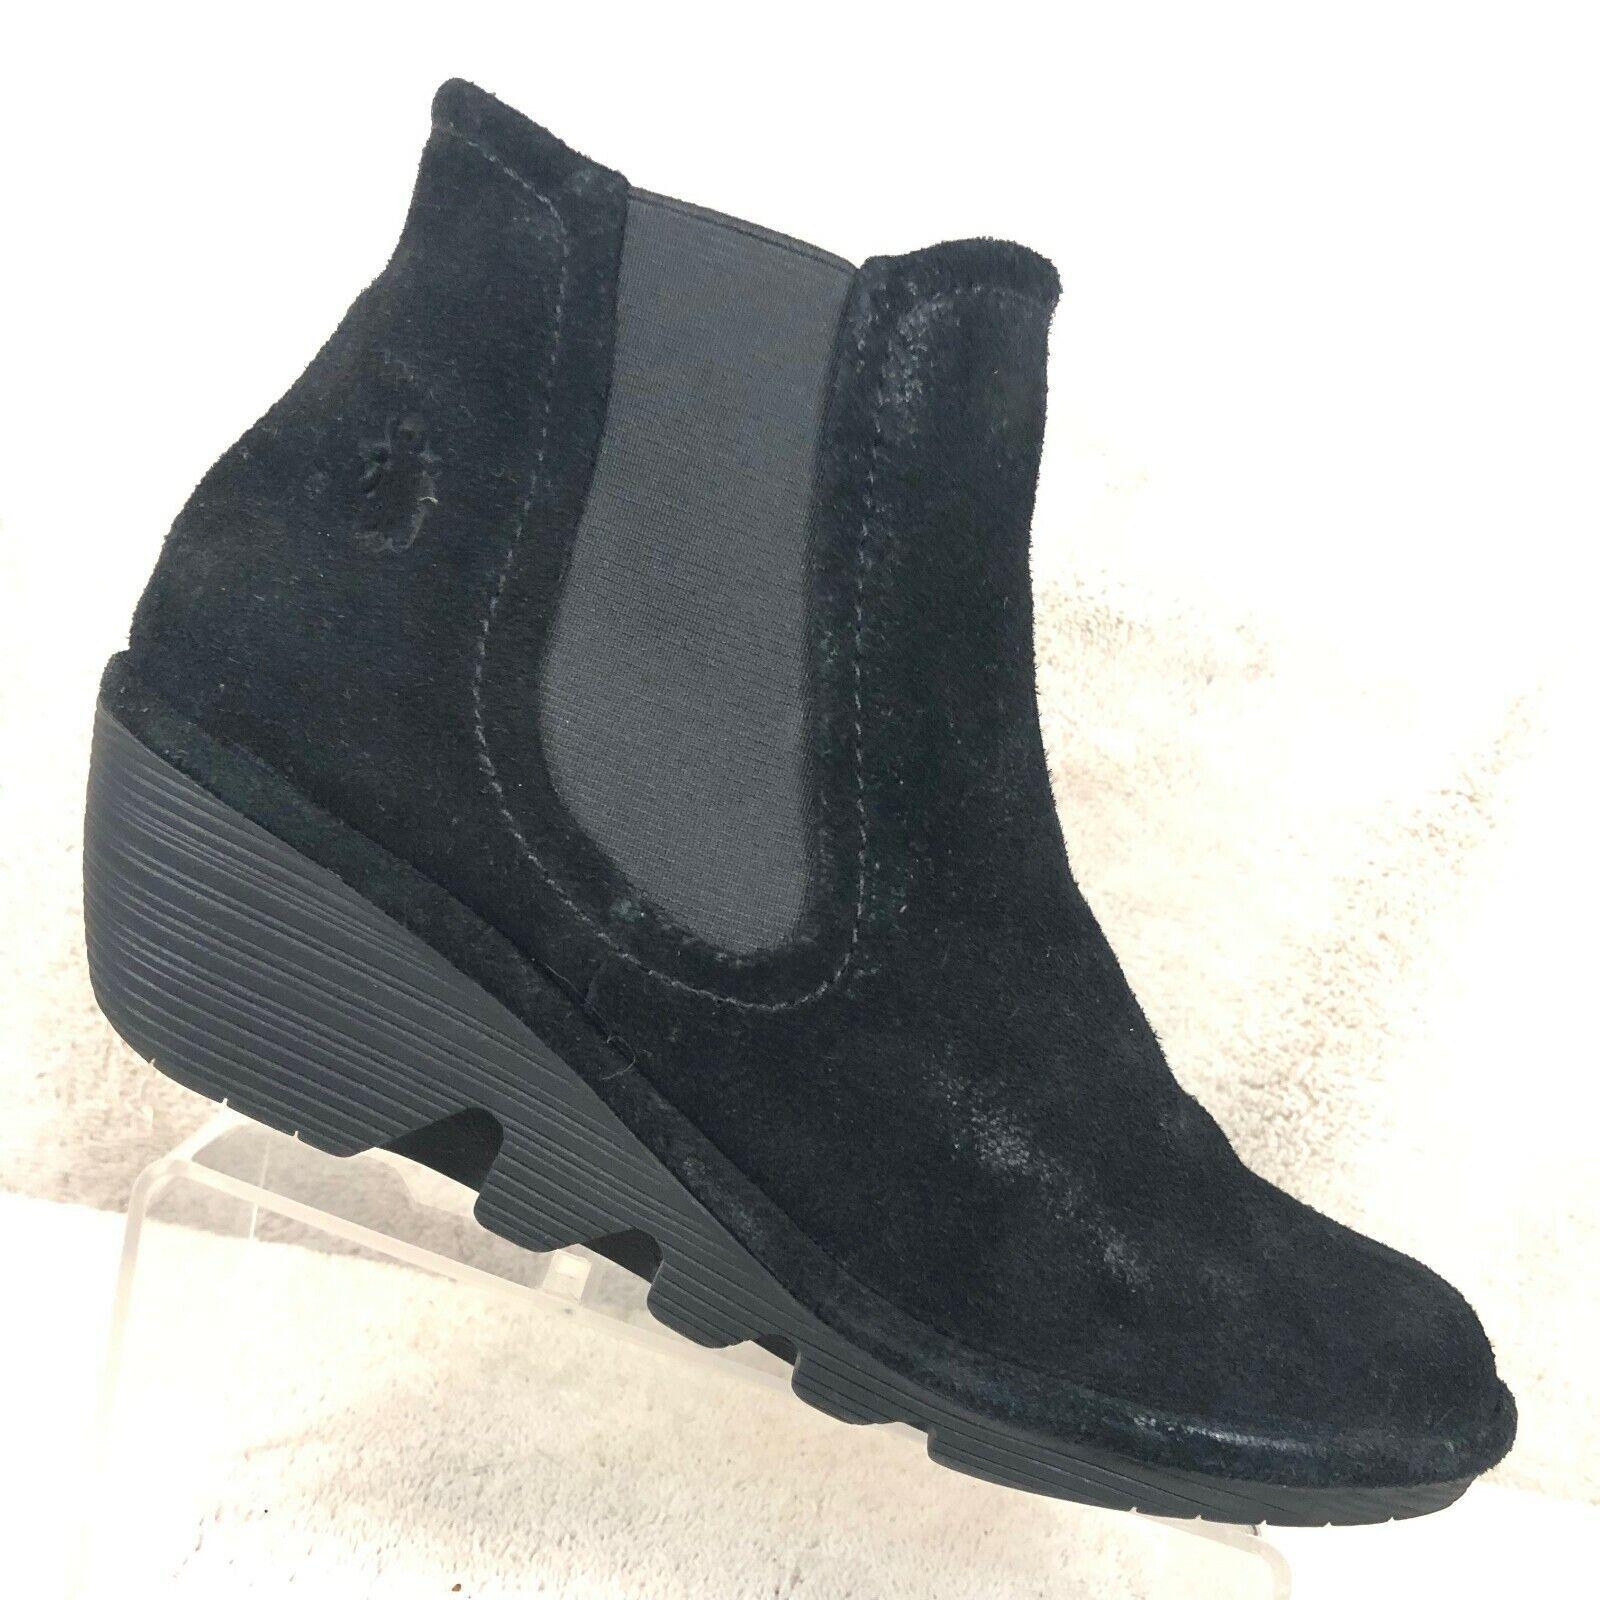 Fly London Negro Gamuza Cuña Tacón Chelsea botas al tobillo para mujer 7.5 - 8 38